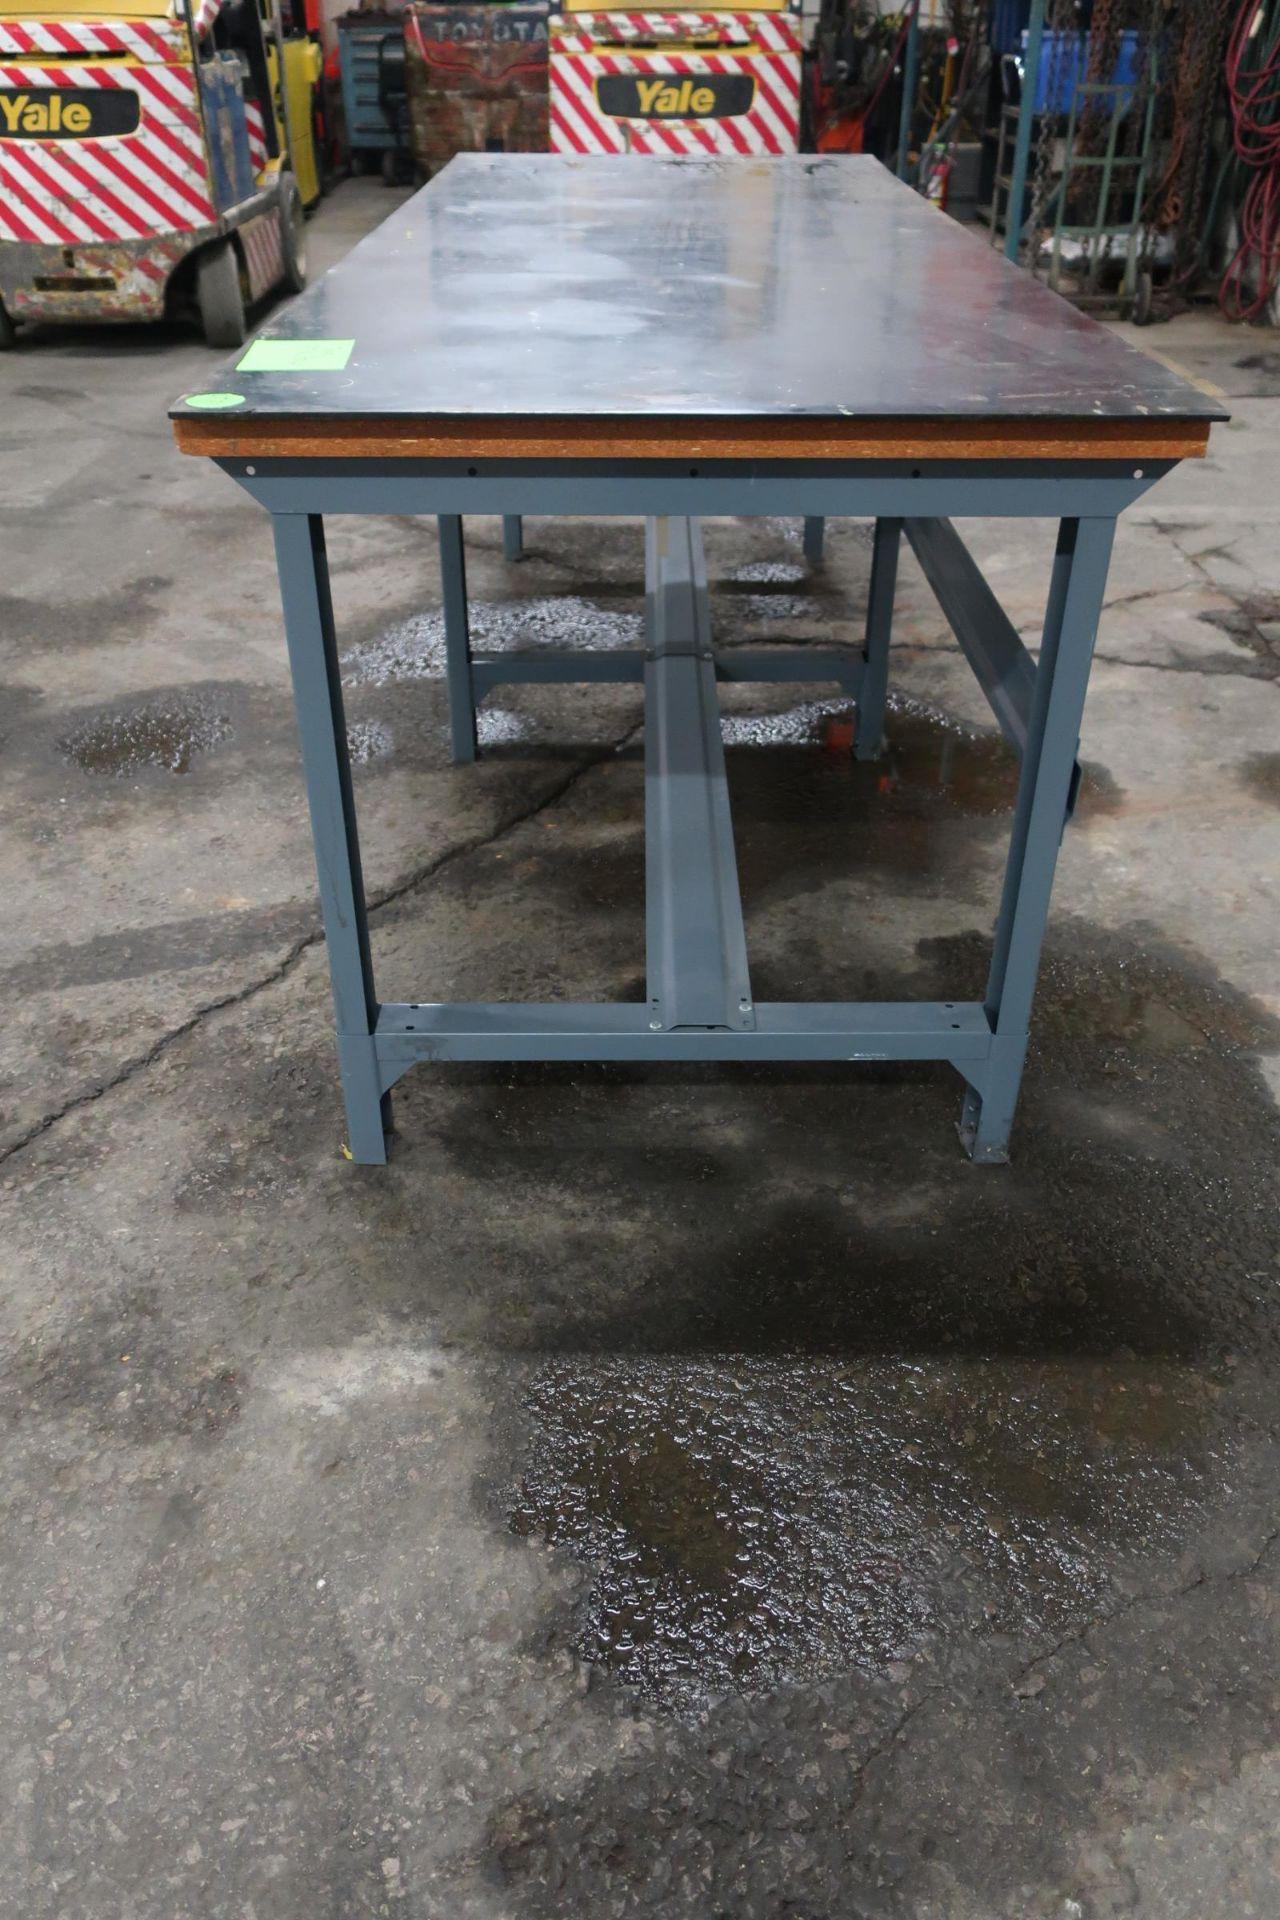 Lot 306 - Heavy Duty Work Table